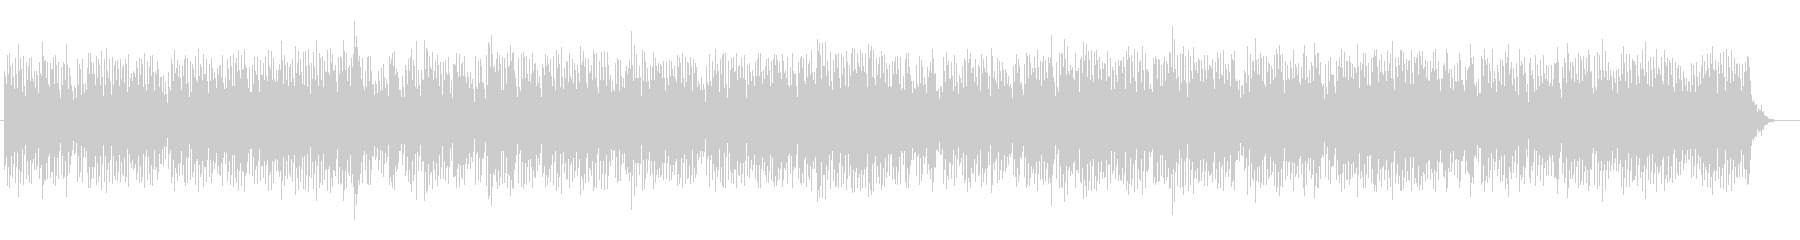 神秘的な印象のピアノ系サウンドの未再生の波形